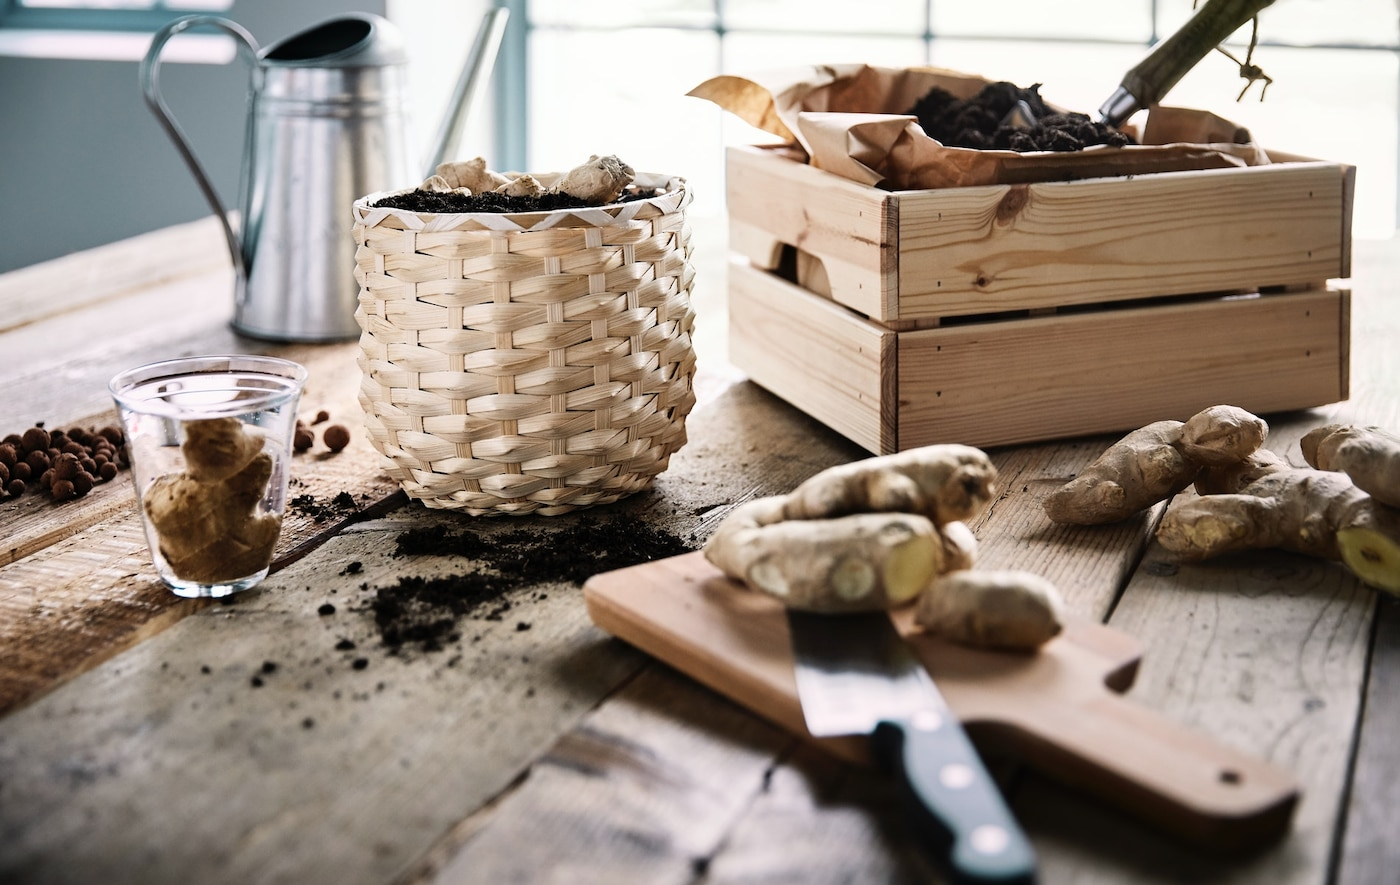 Ein Blumentopf, eine Holzkiste und ein Schneidebrett mit Messer auf einem Tisch